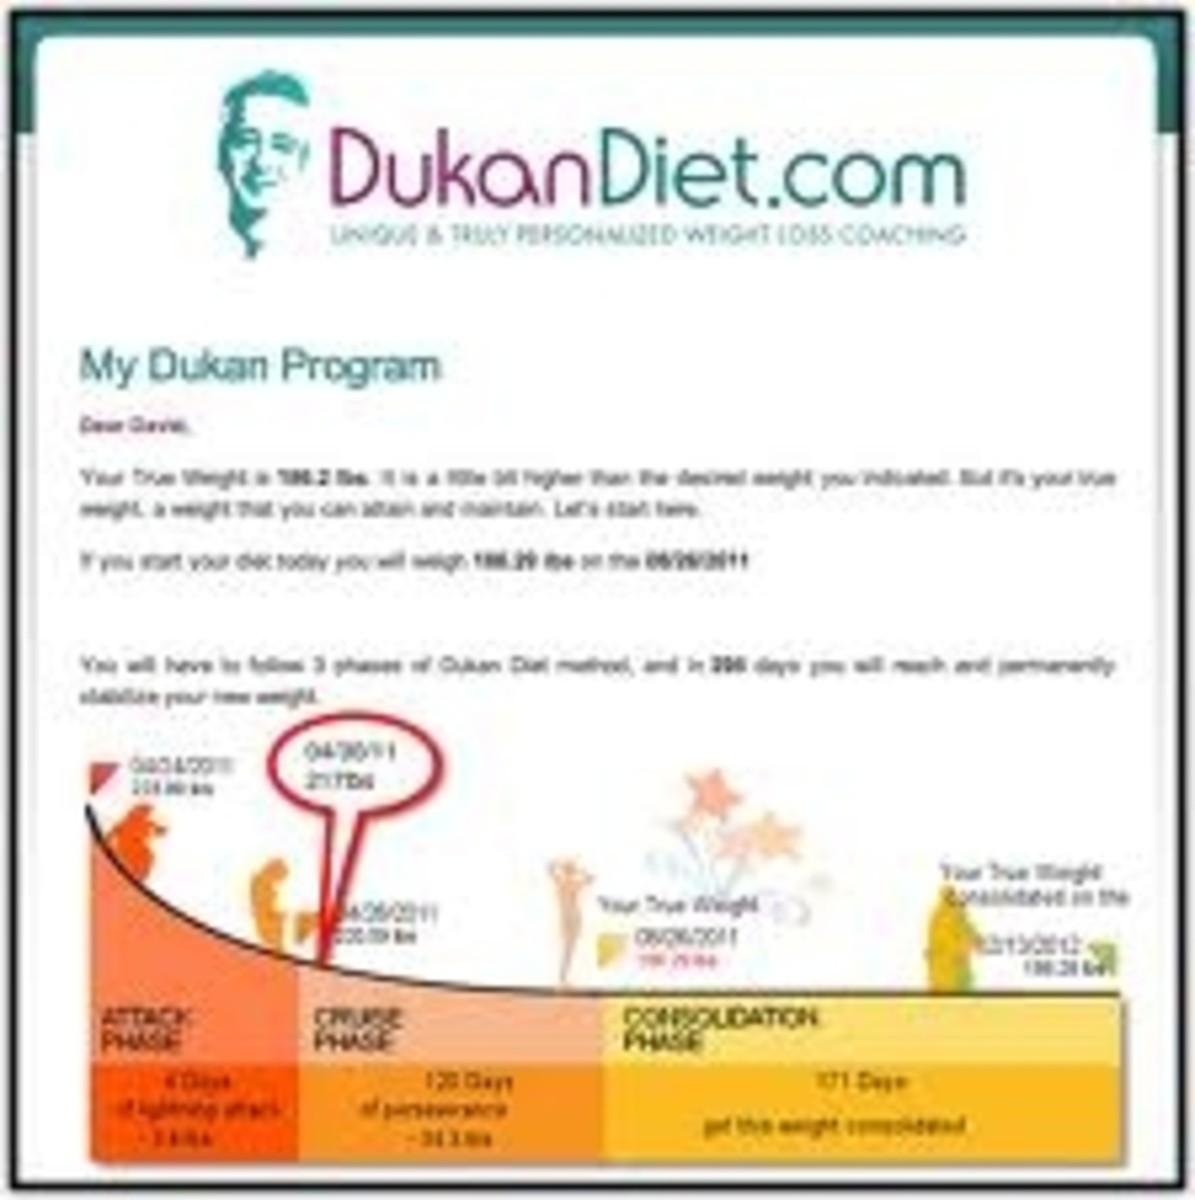 Dukan Diet True weight